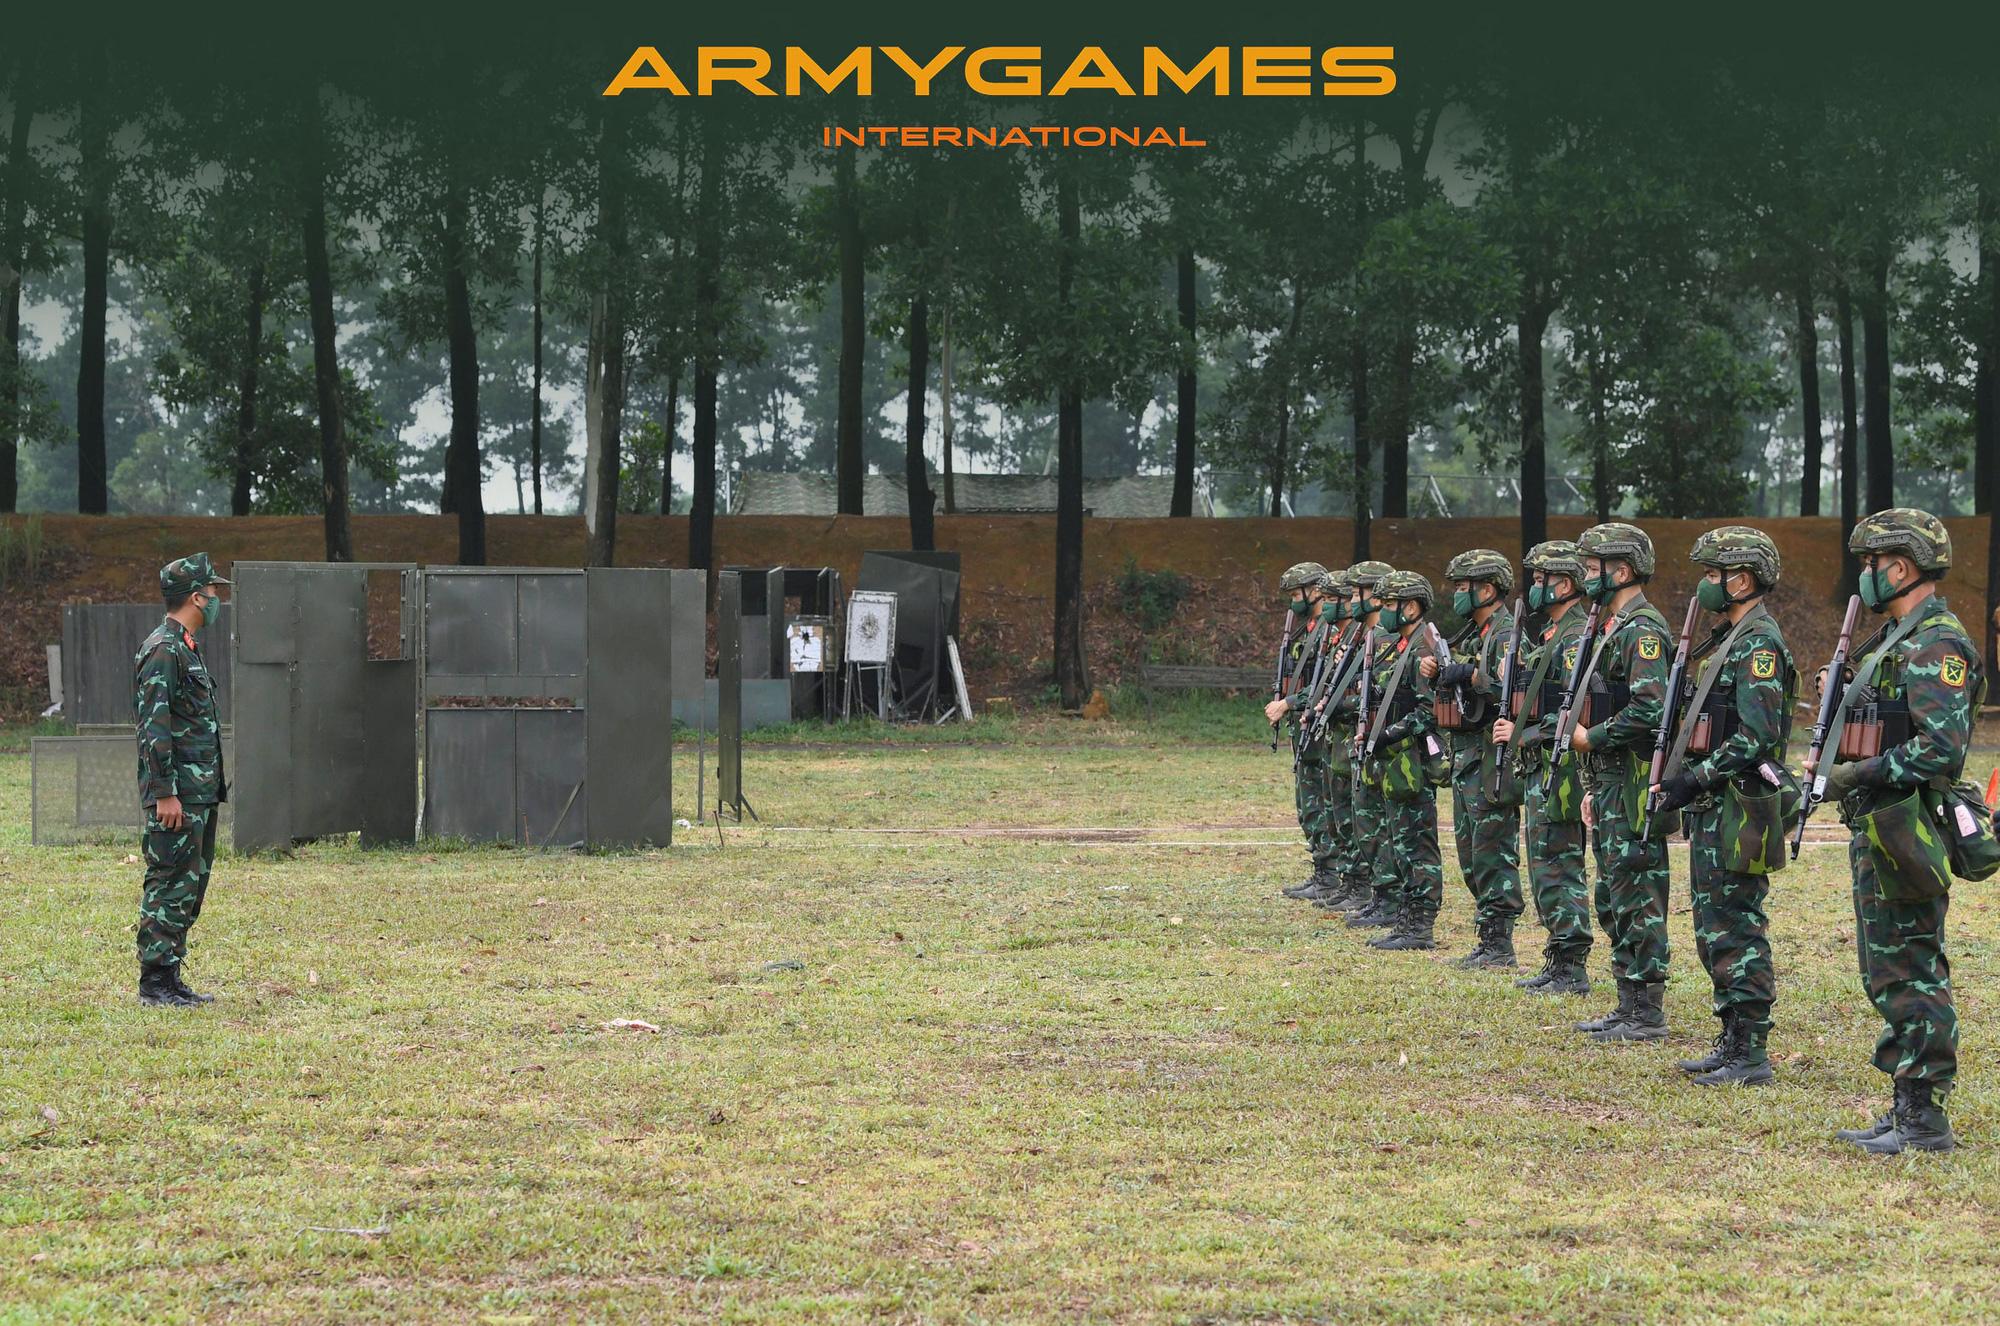 [PHOTO ESSAY] Army Games 2021: Hành trình quyết thắng của đội tuyển QĐND Việt Nam qua 12 con số đặc biệt - Ảnh 18.